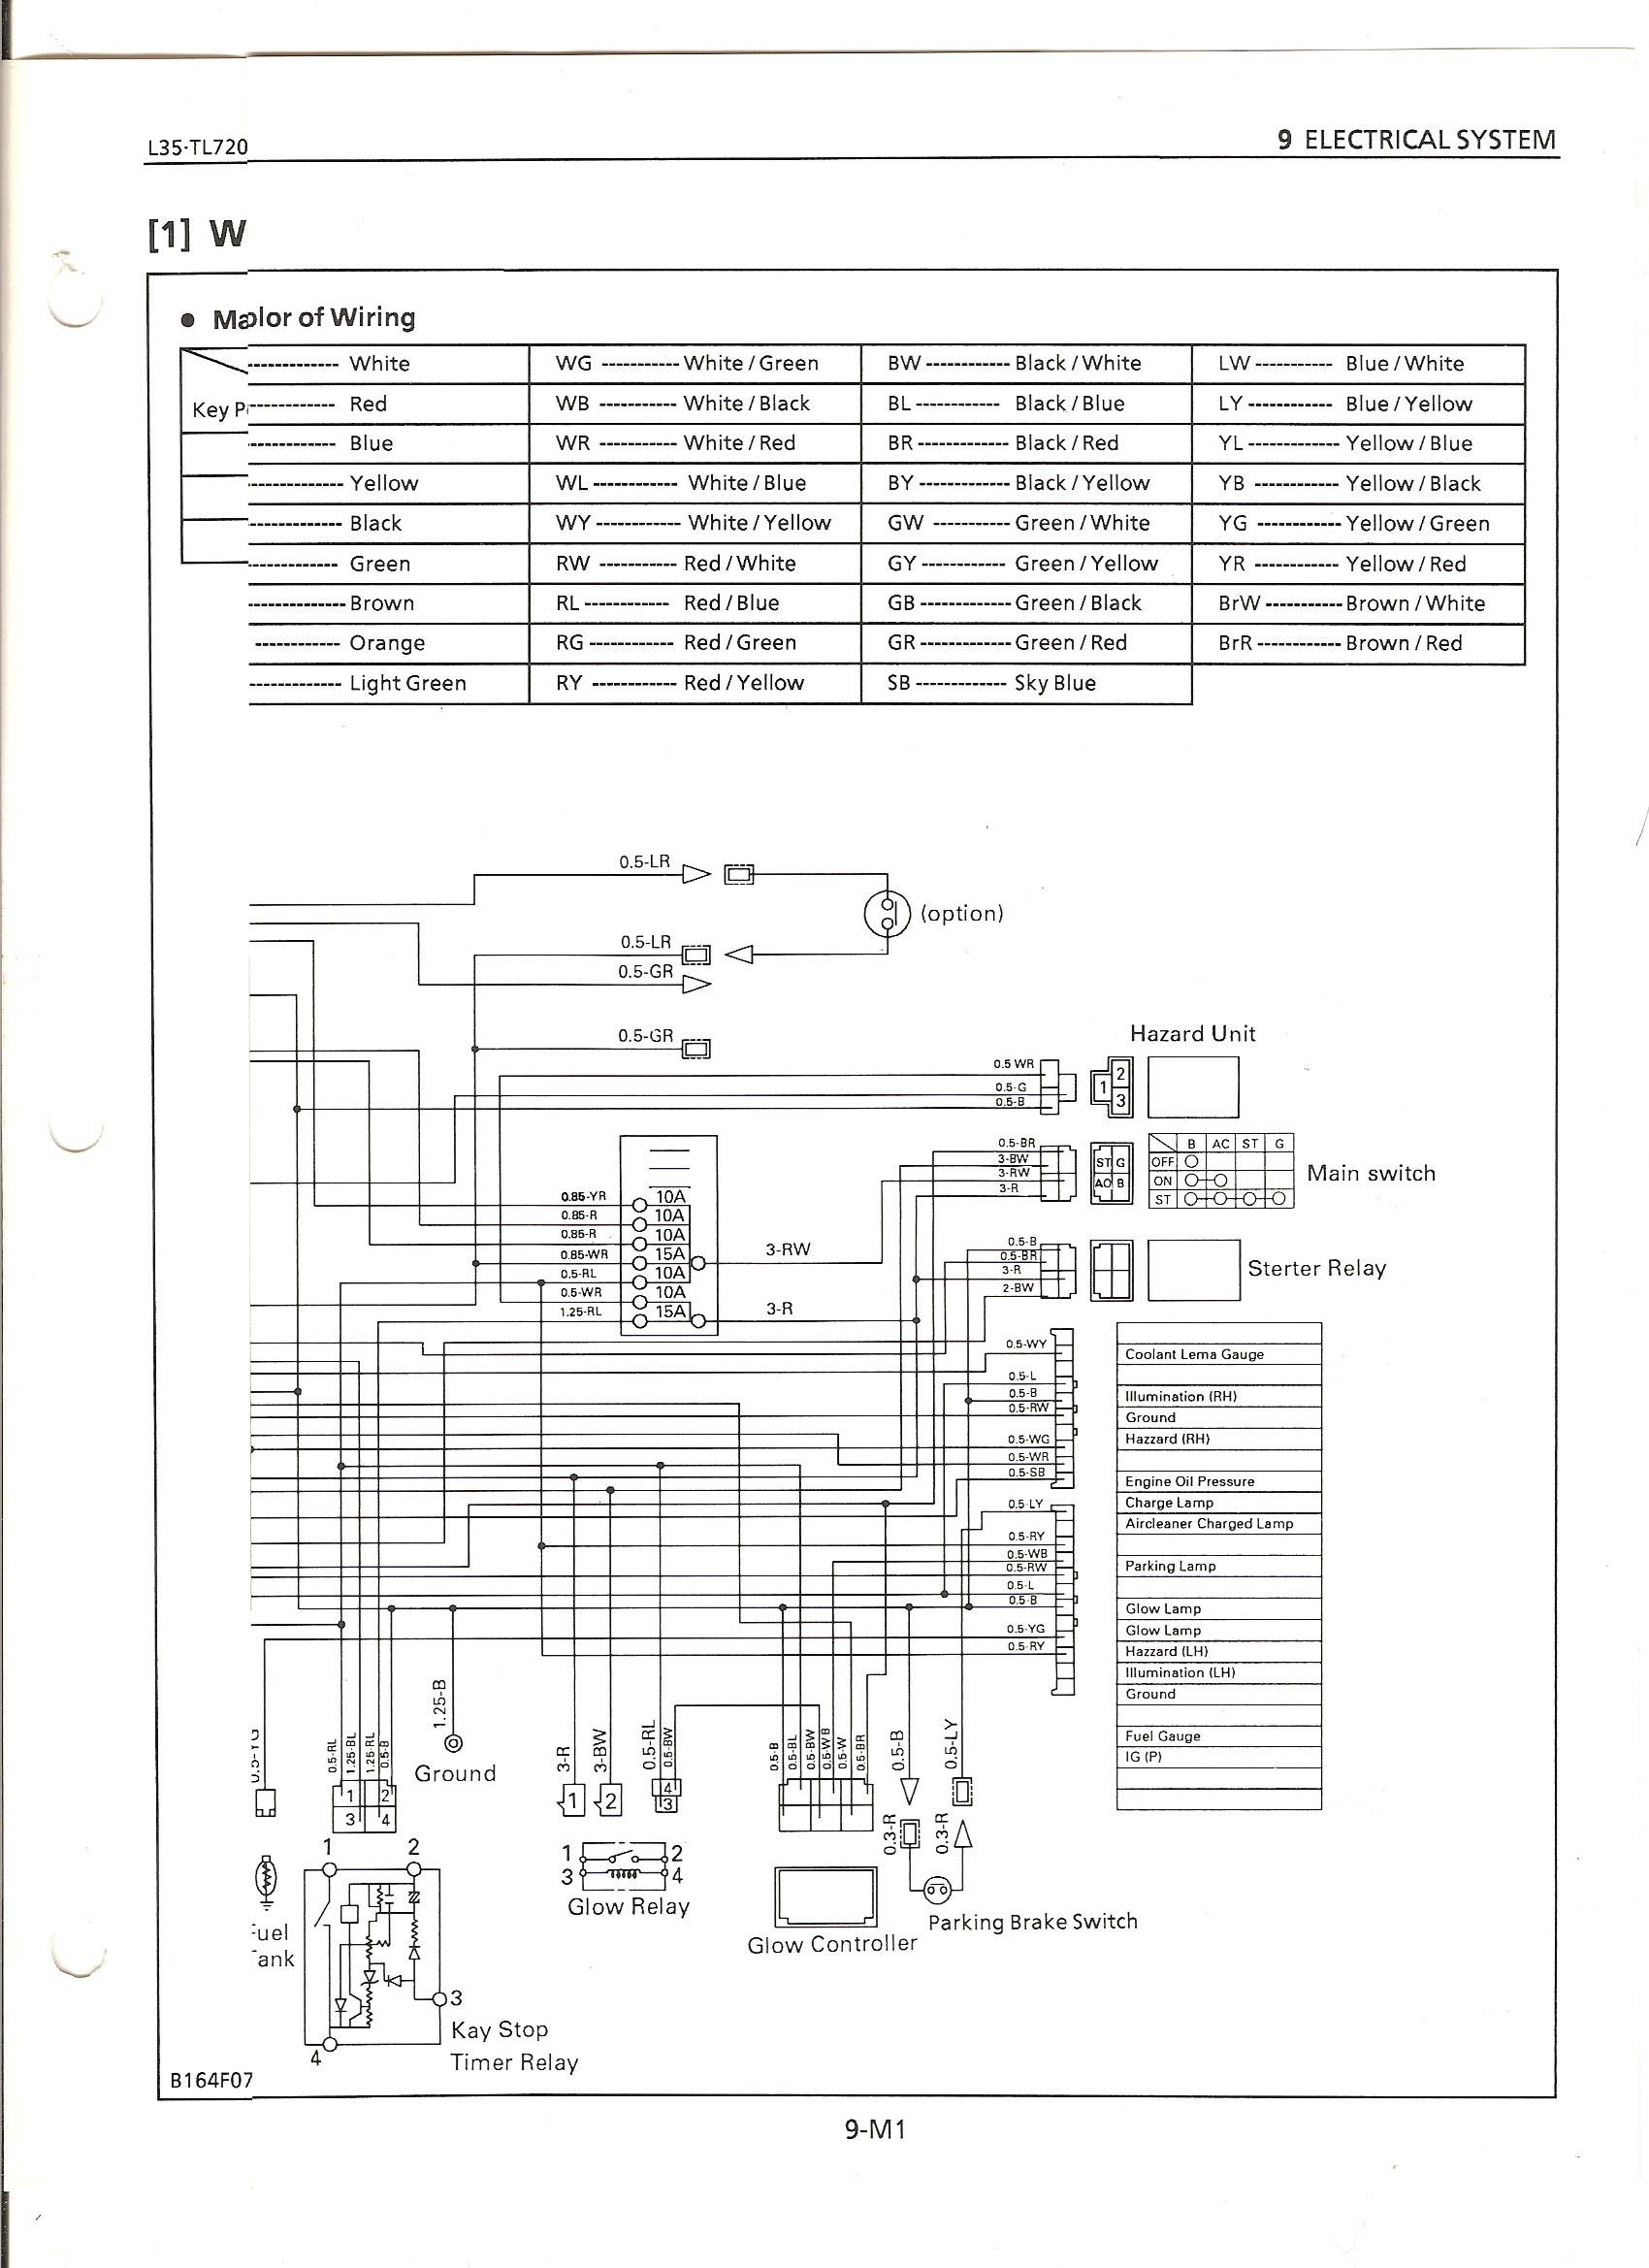 hight resolution of kubota wiring diagram pdf kubota ignition switch wiring diagram inspirationa kubota generator wiring diagram valid